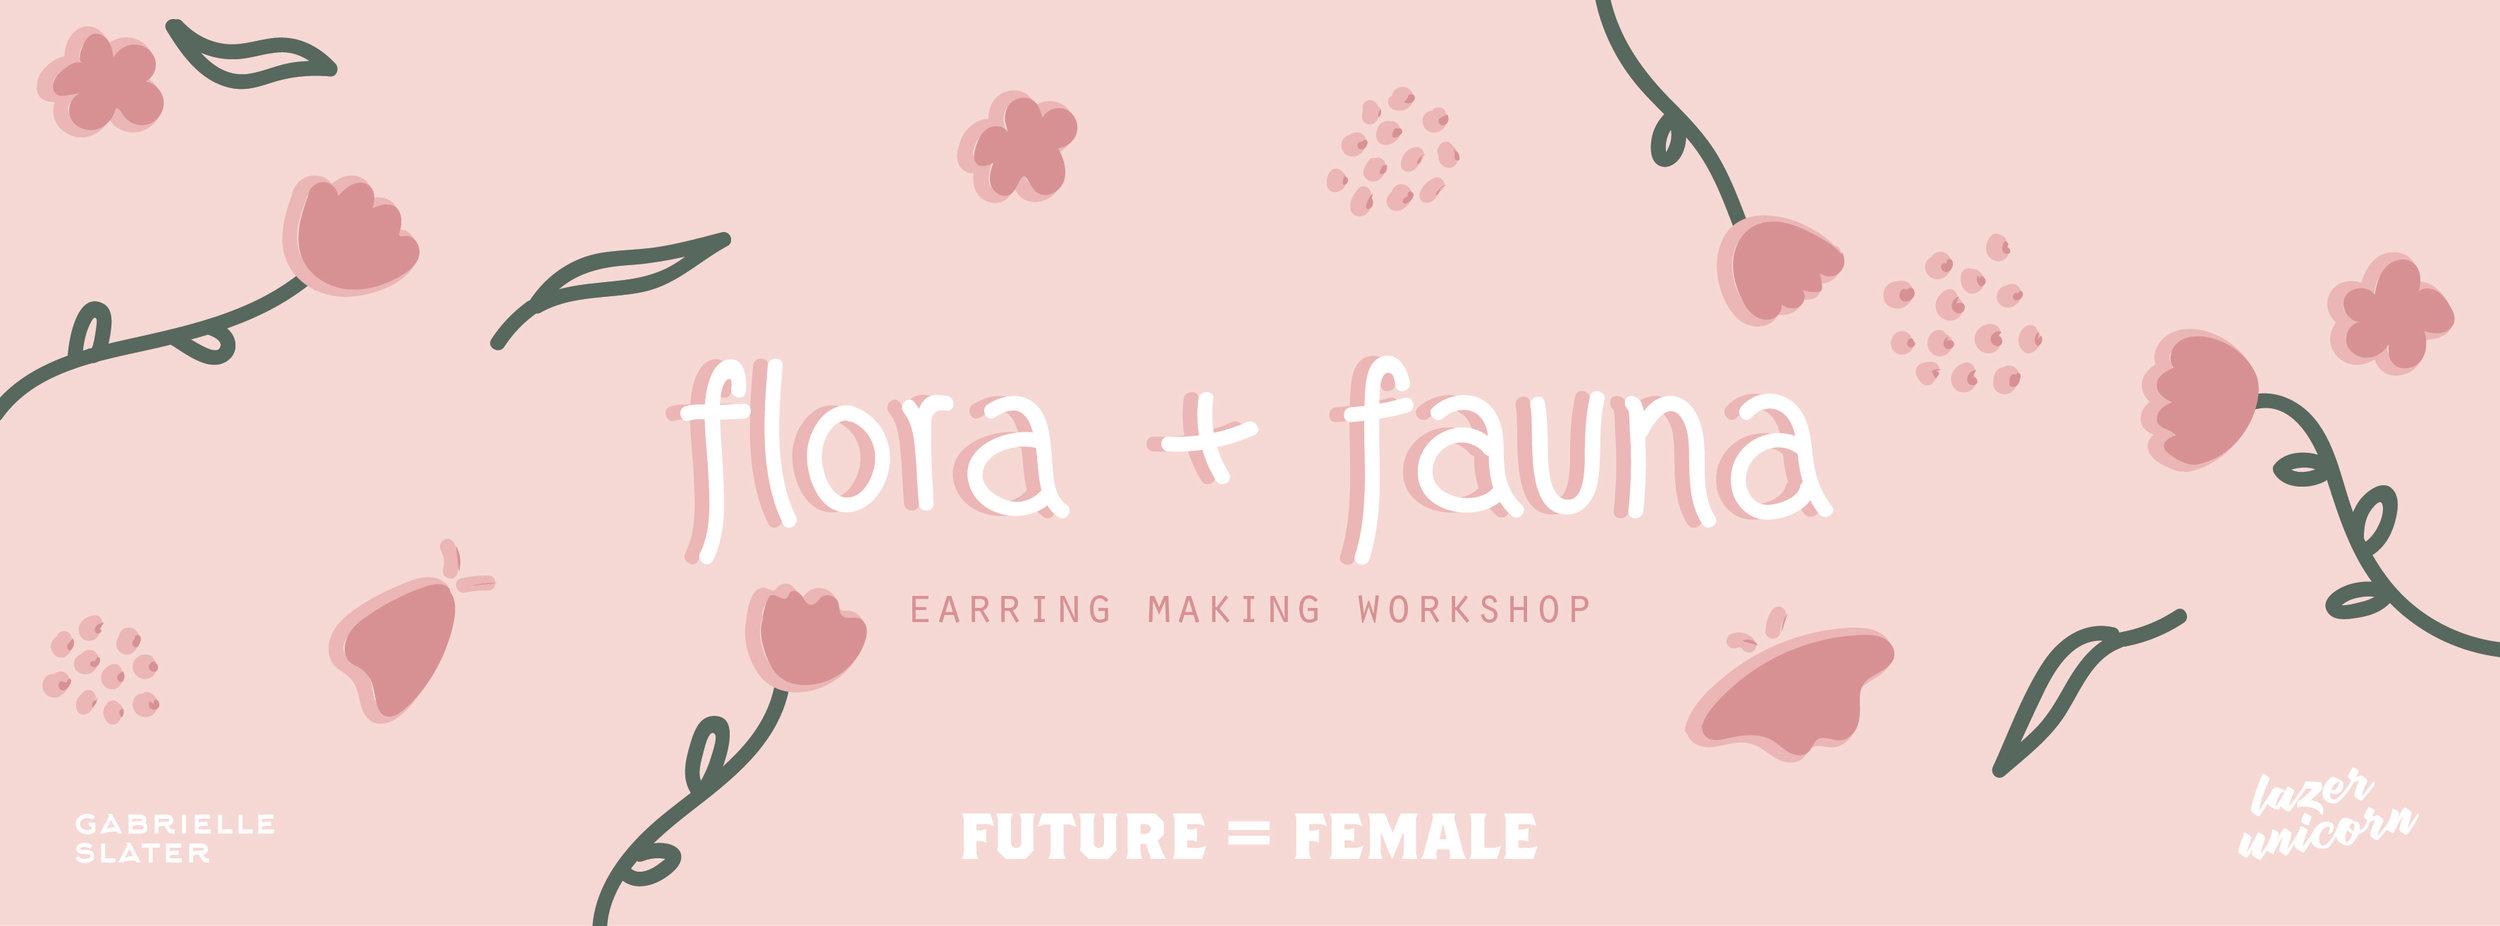 f=f workshop-01.jpg